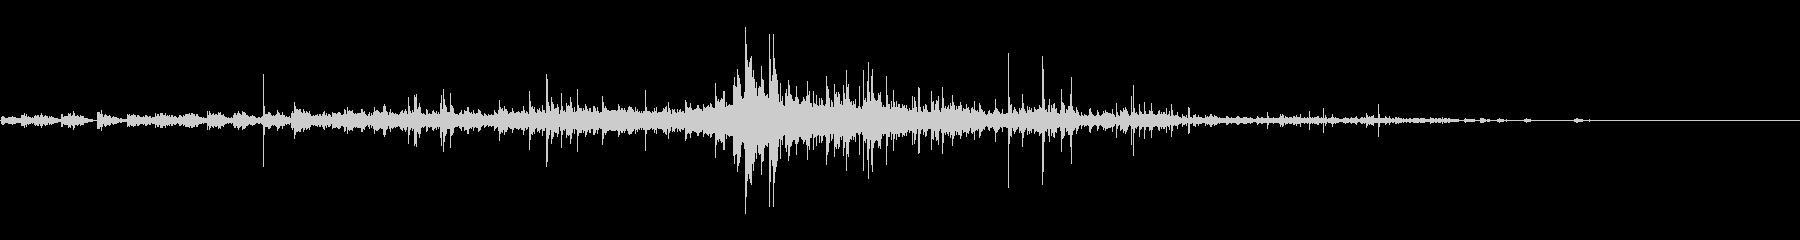 タザン・デ・ラタのスロースロー-キッチンの未再生の波形